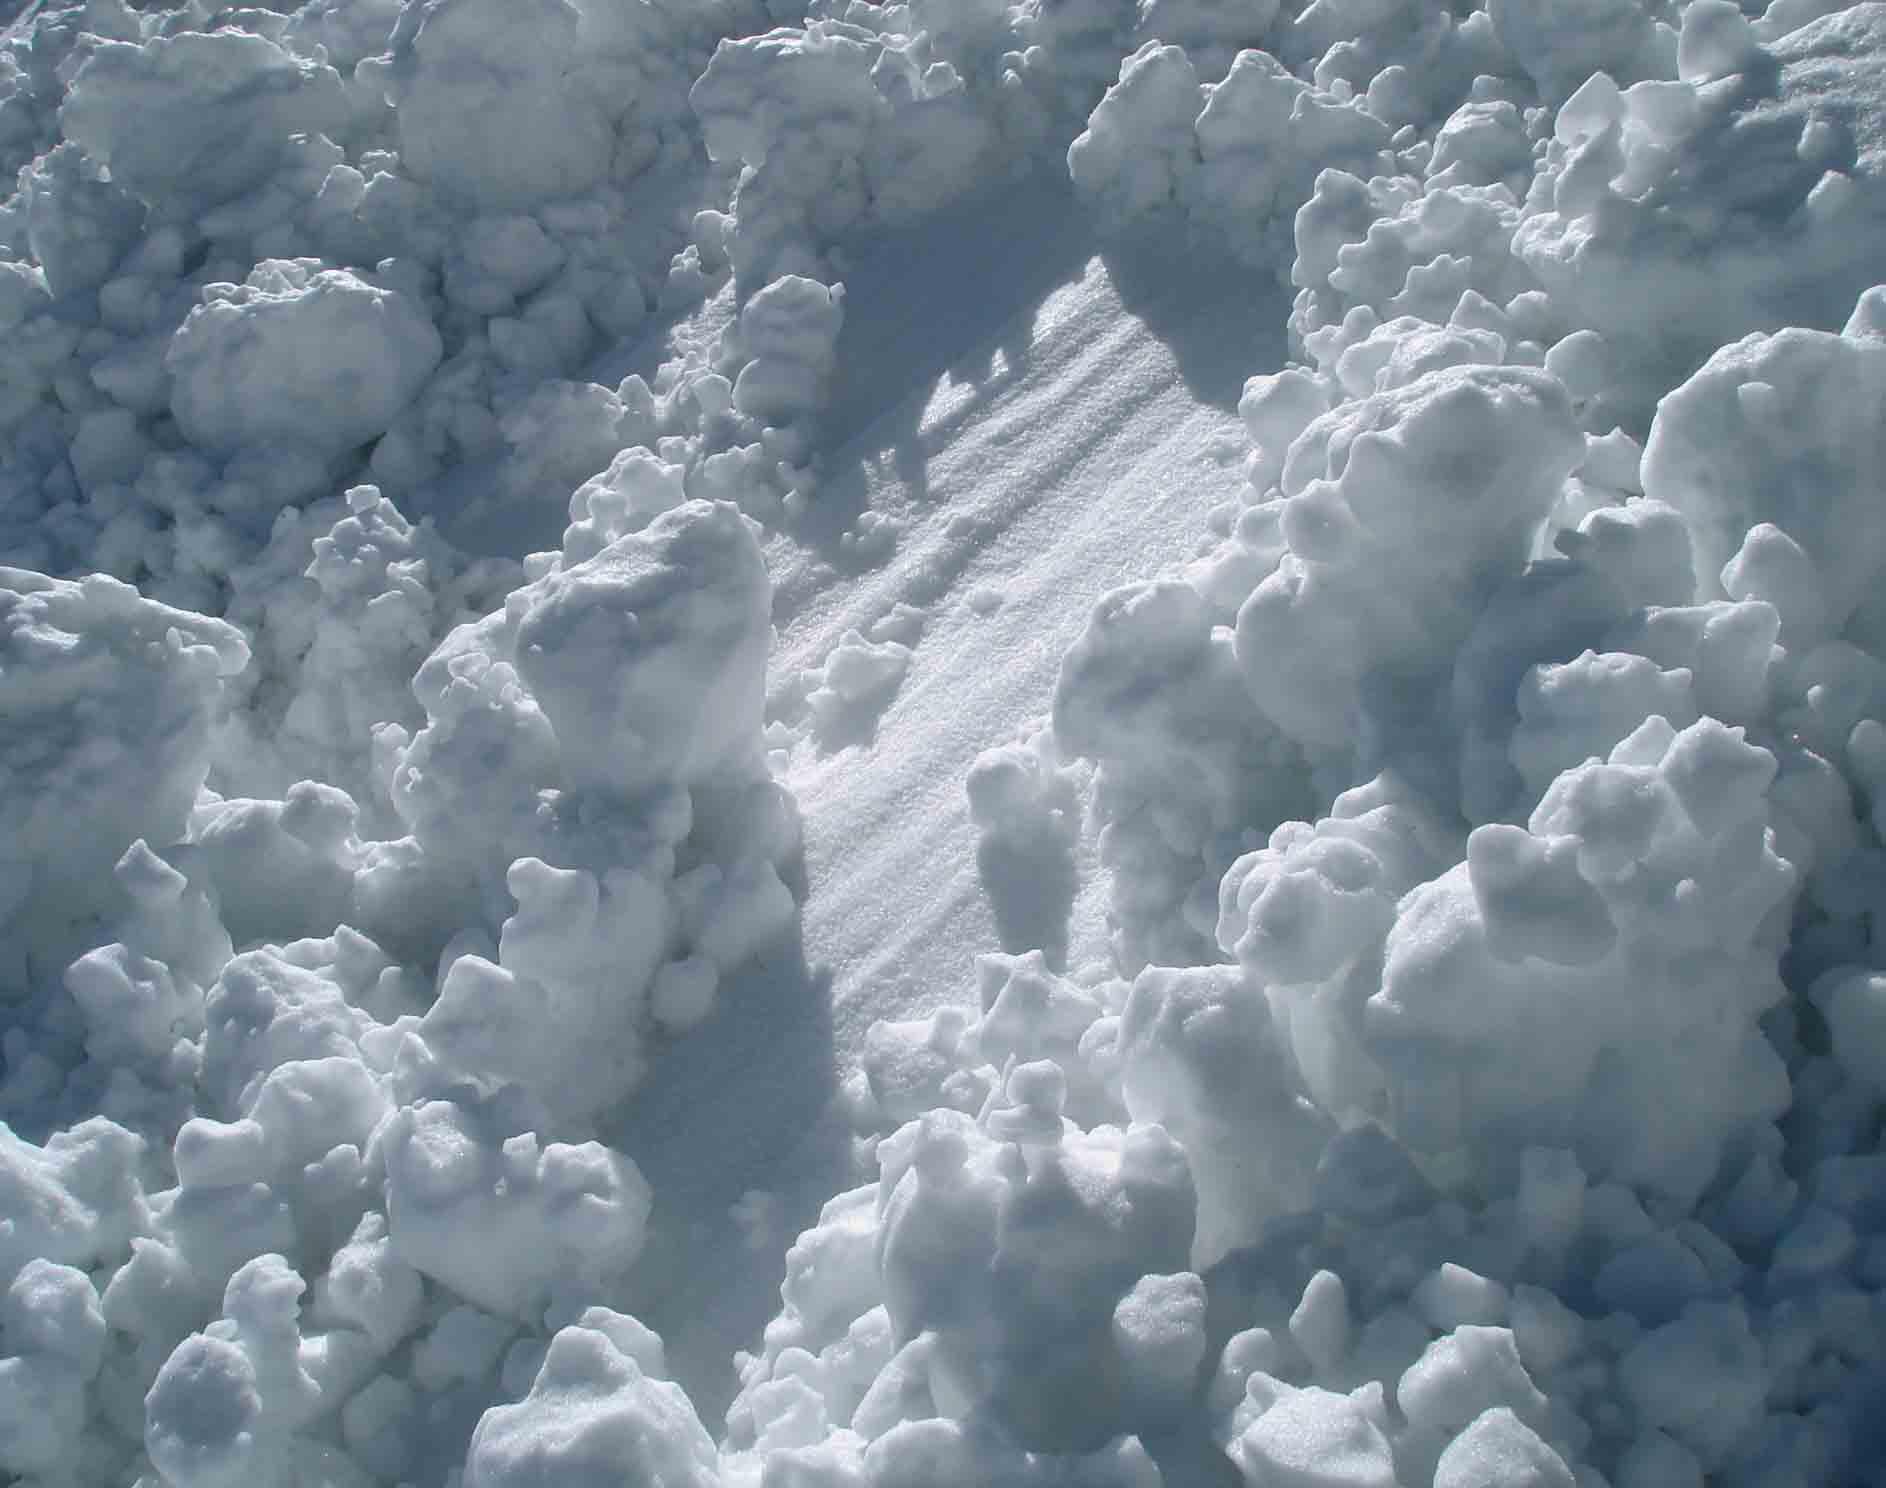 雪塊の一部が雪面を流れた跡 DSC05728